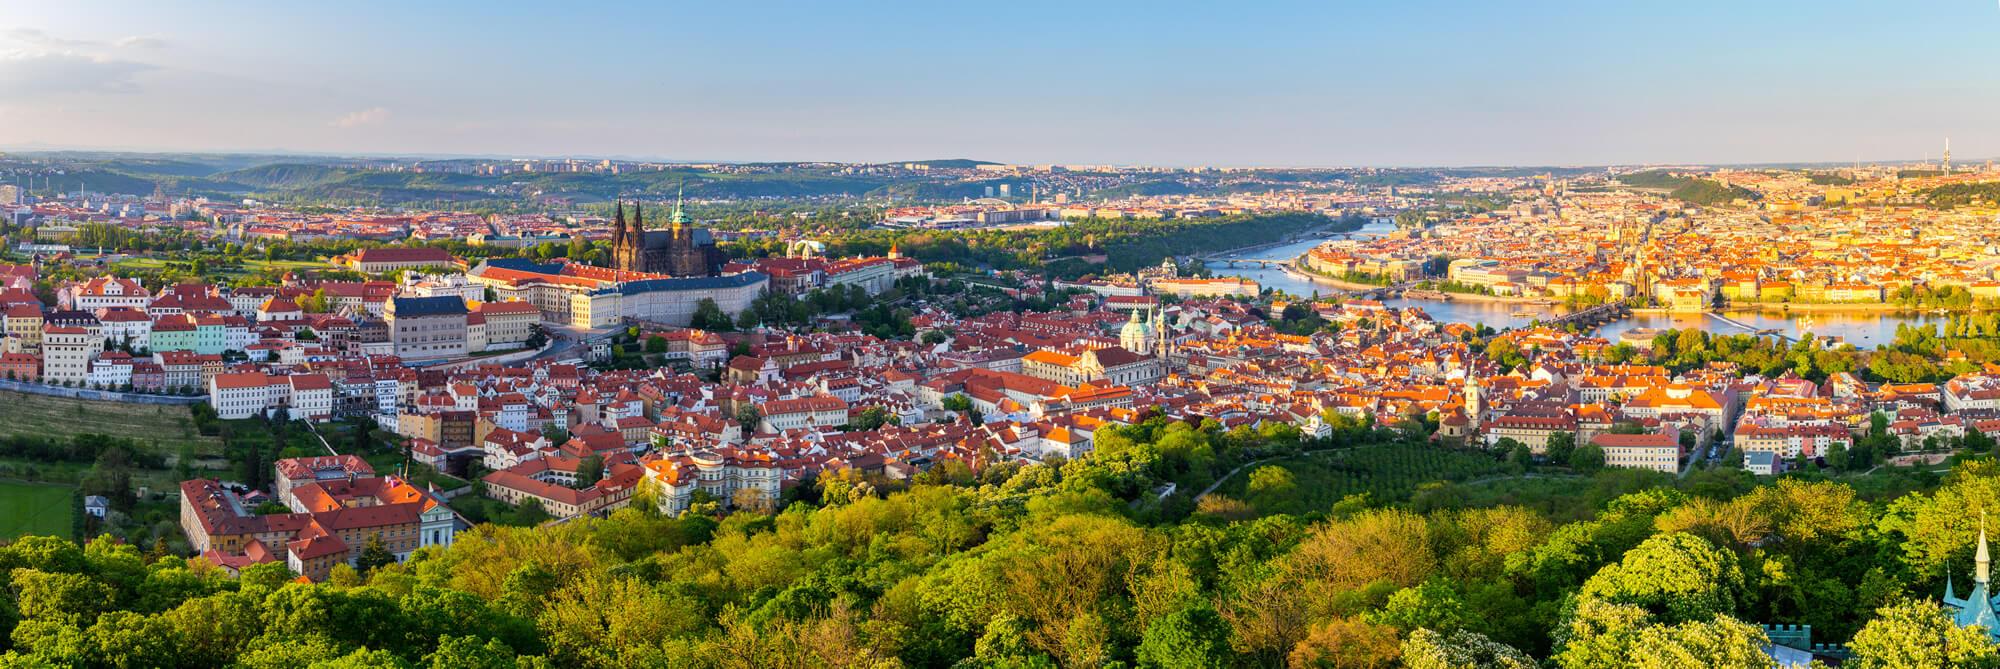 Prague City Panorama at Sunset